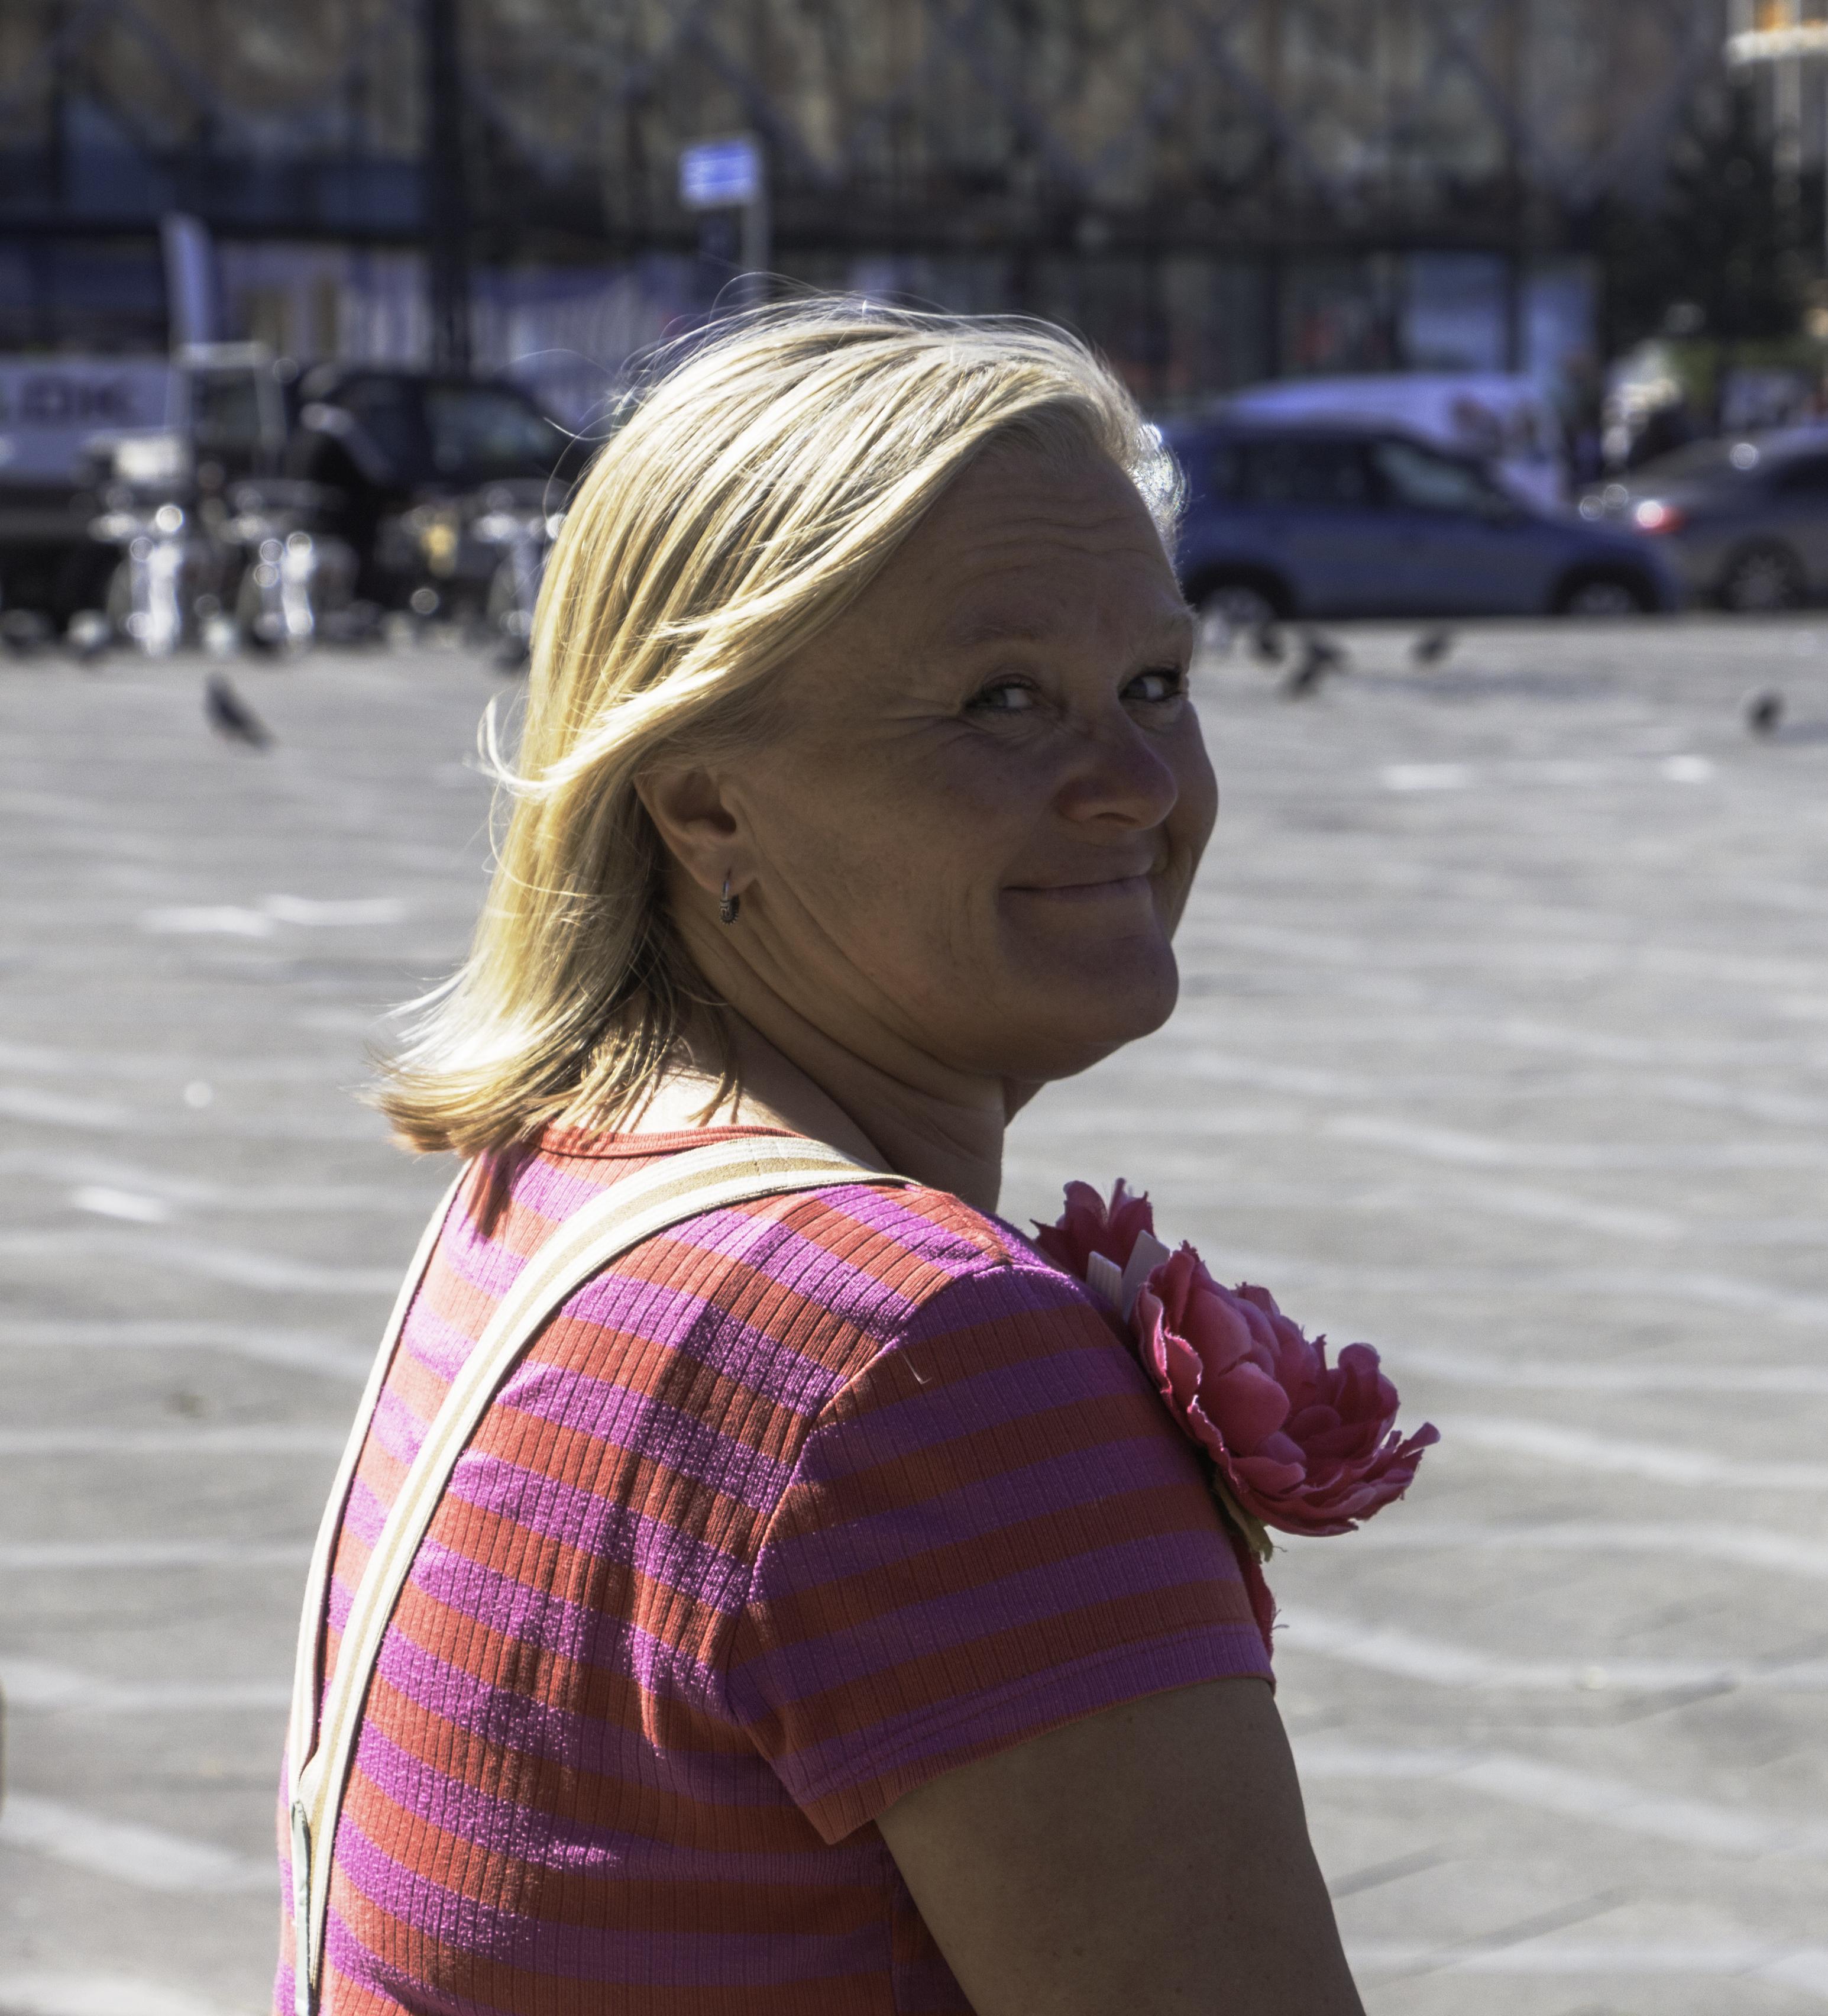 KirstenSideways